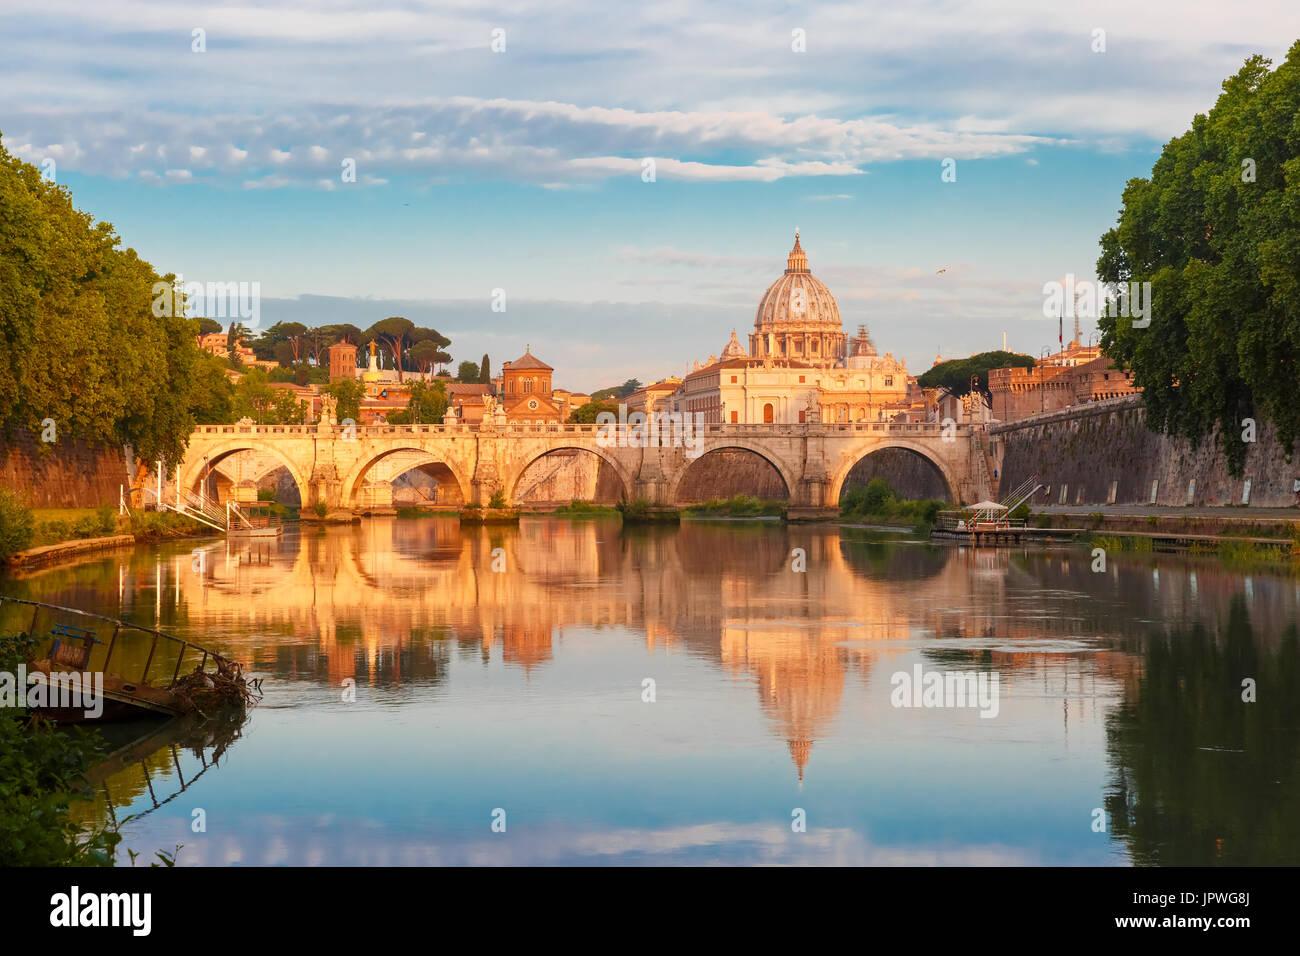 Kathedrale St. Peter in der früh, Rom, Italien. Stockbild